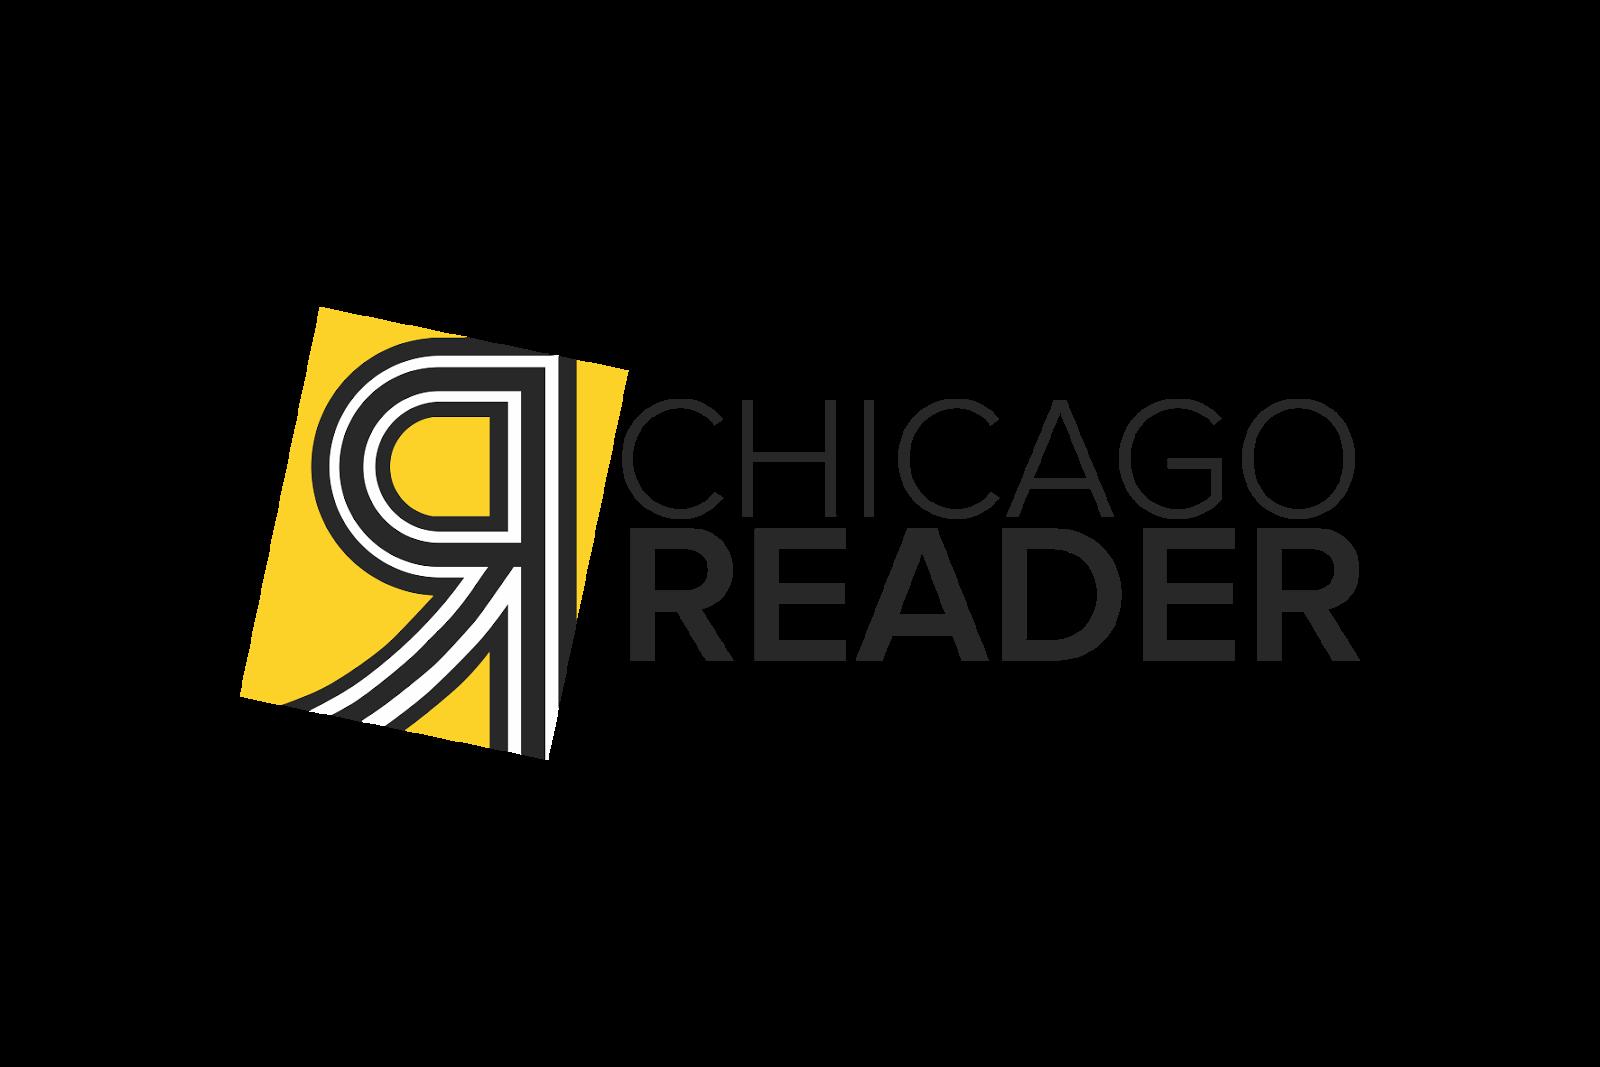 chicago reader.png